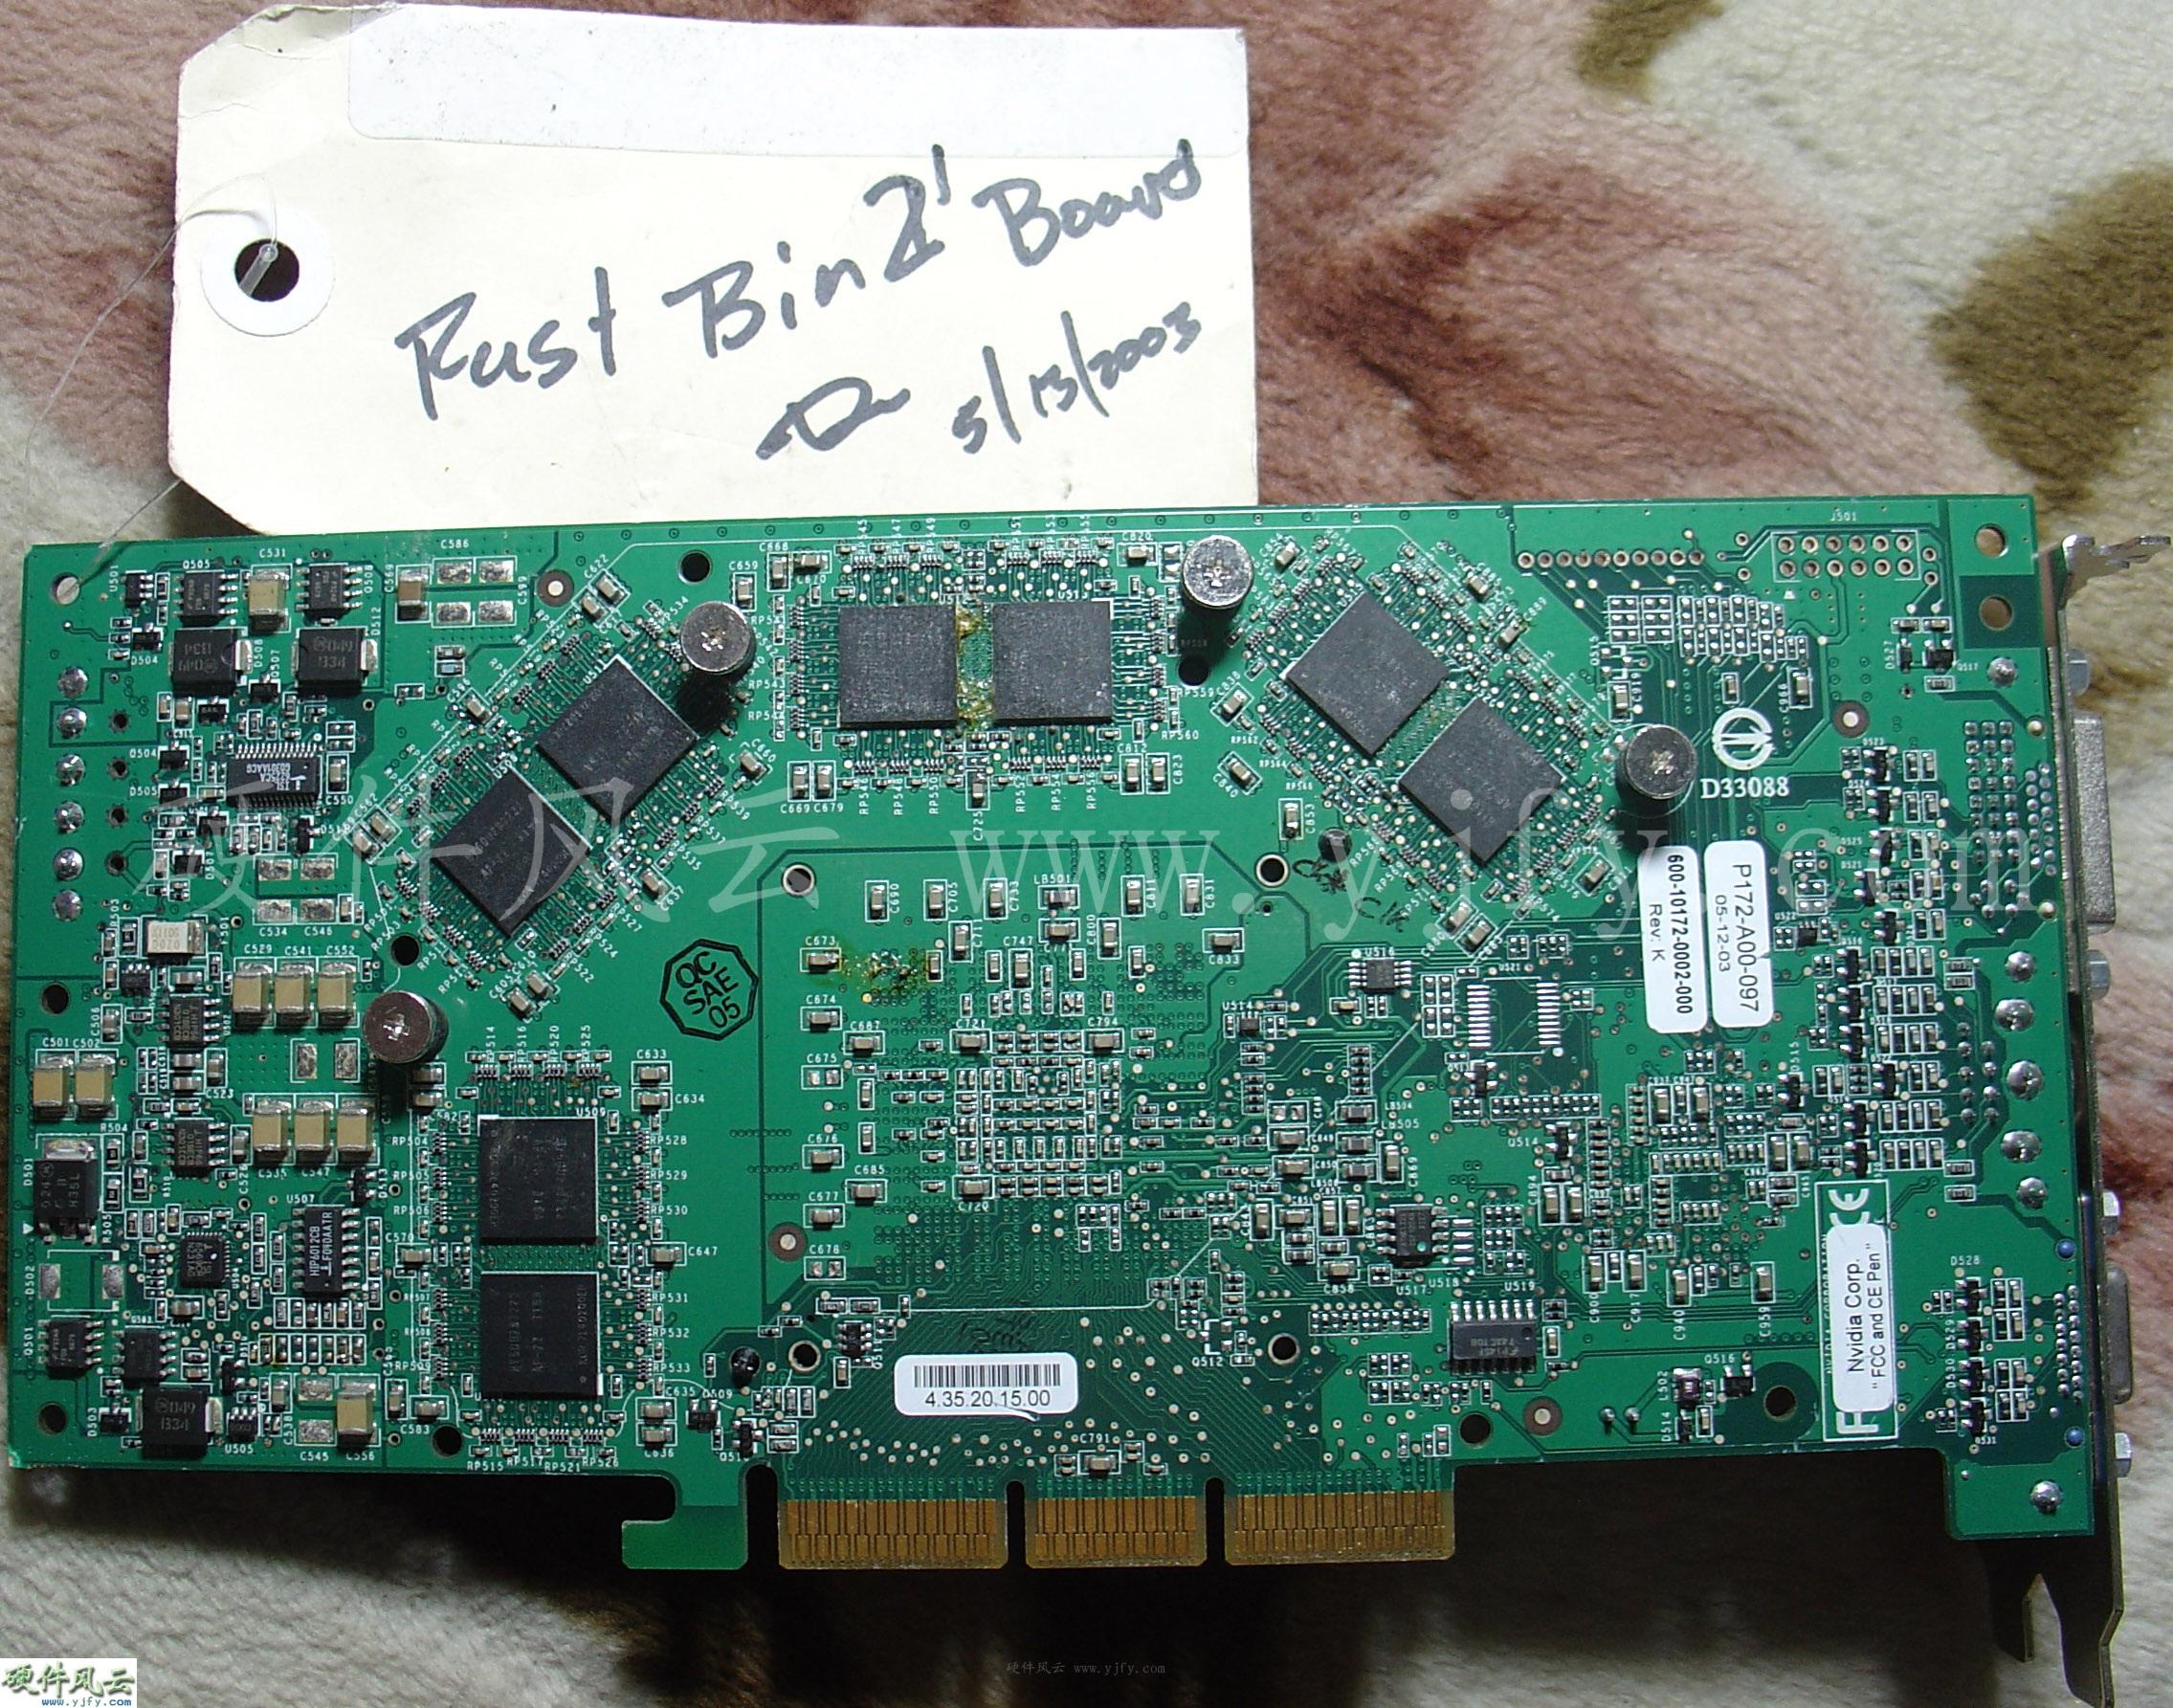 P172-A00-097_NV35-U-A1-ES_1.jpg